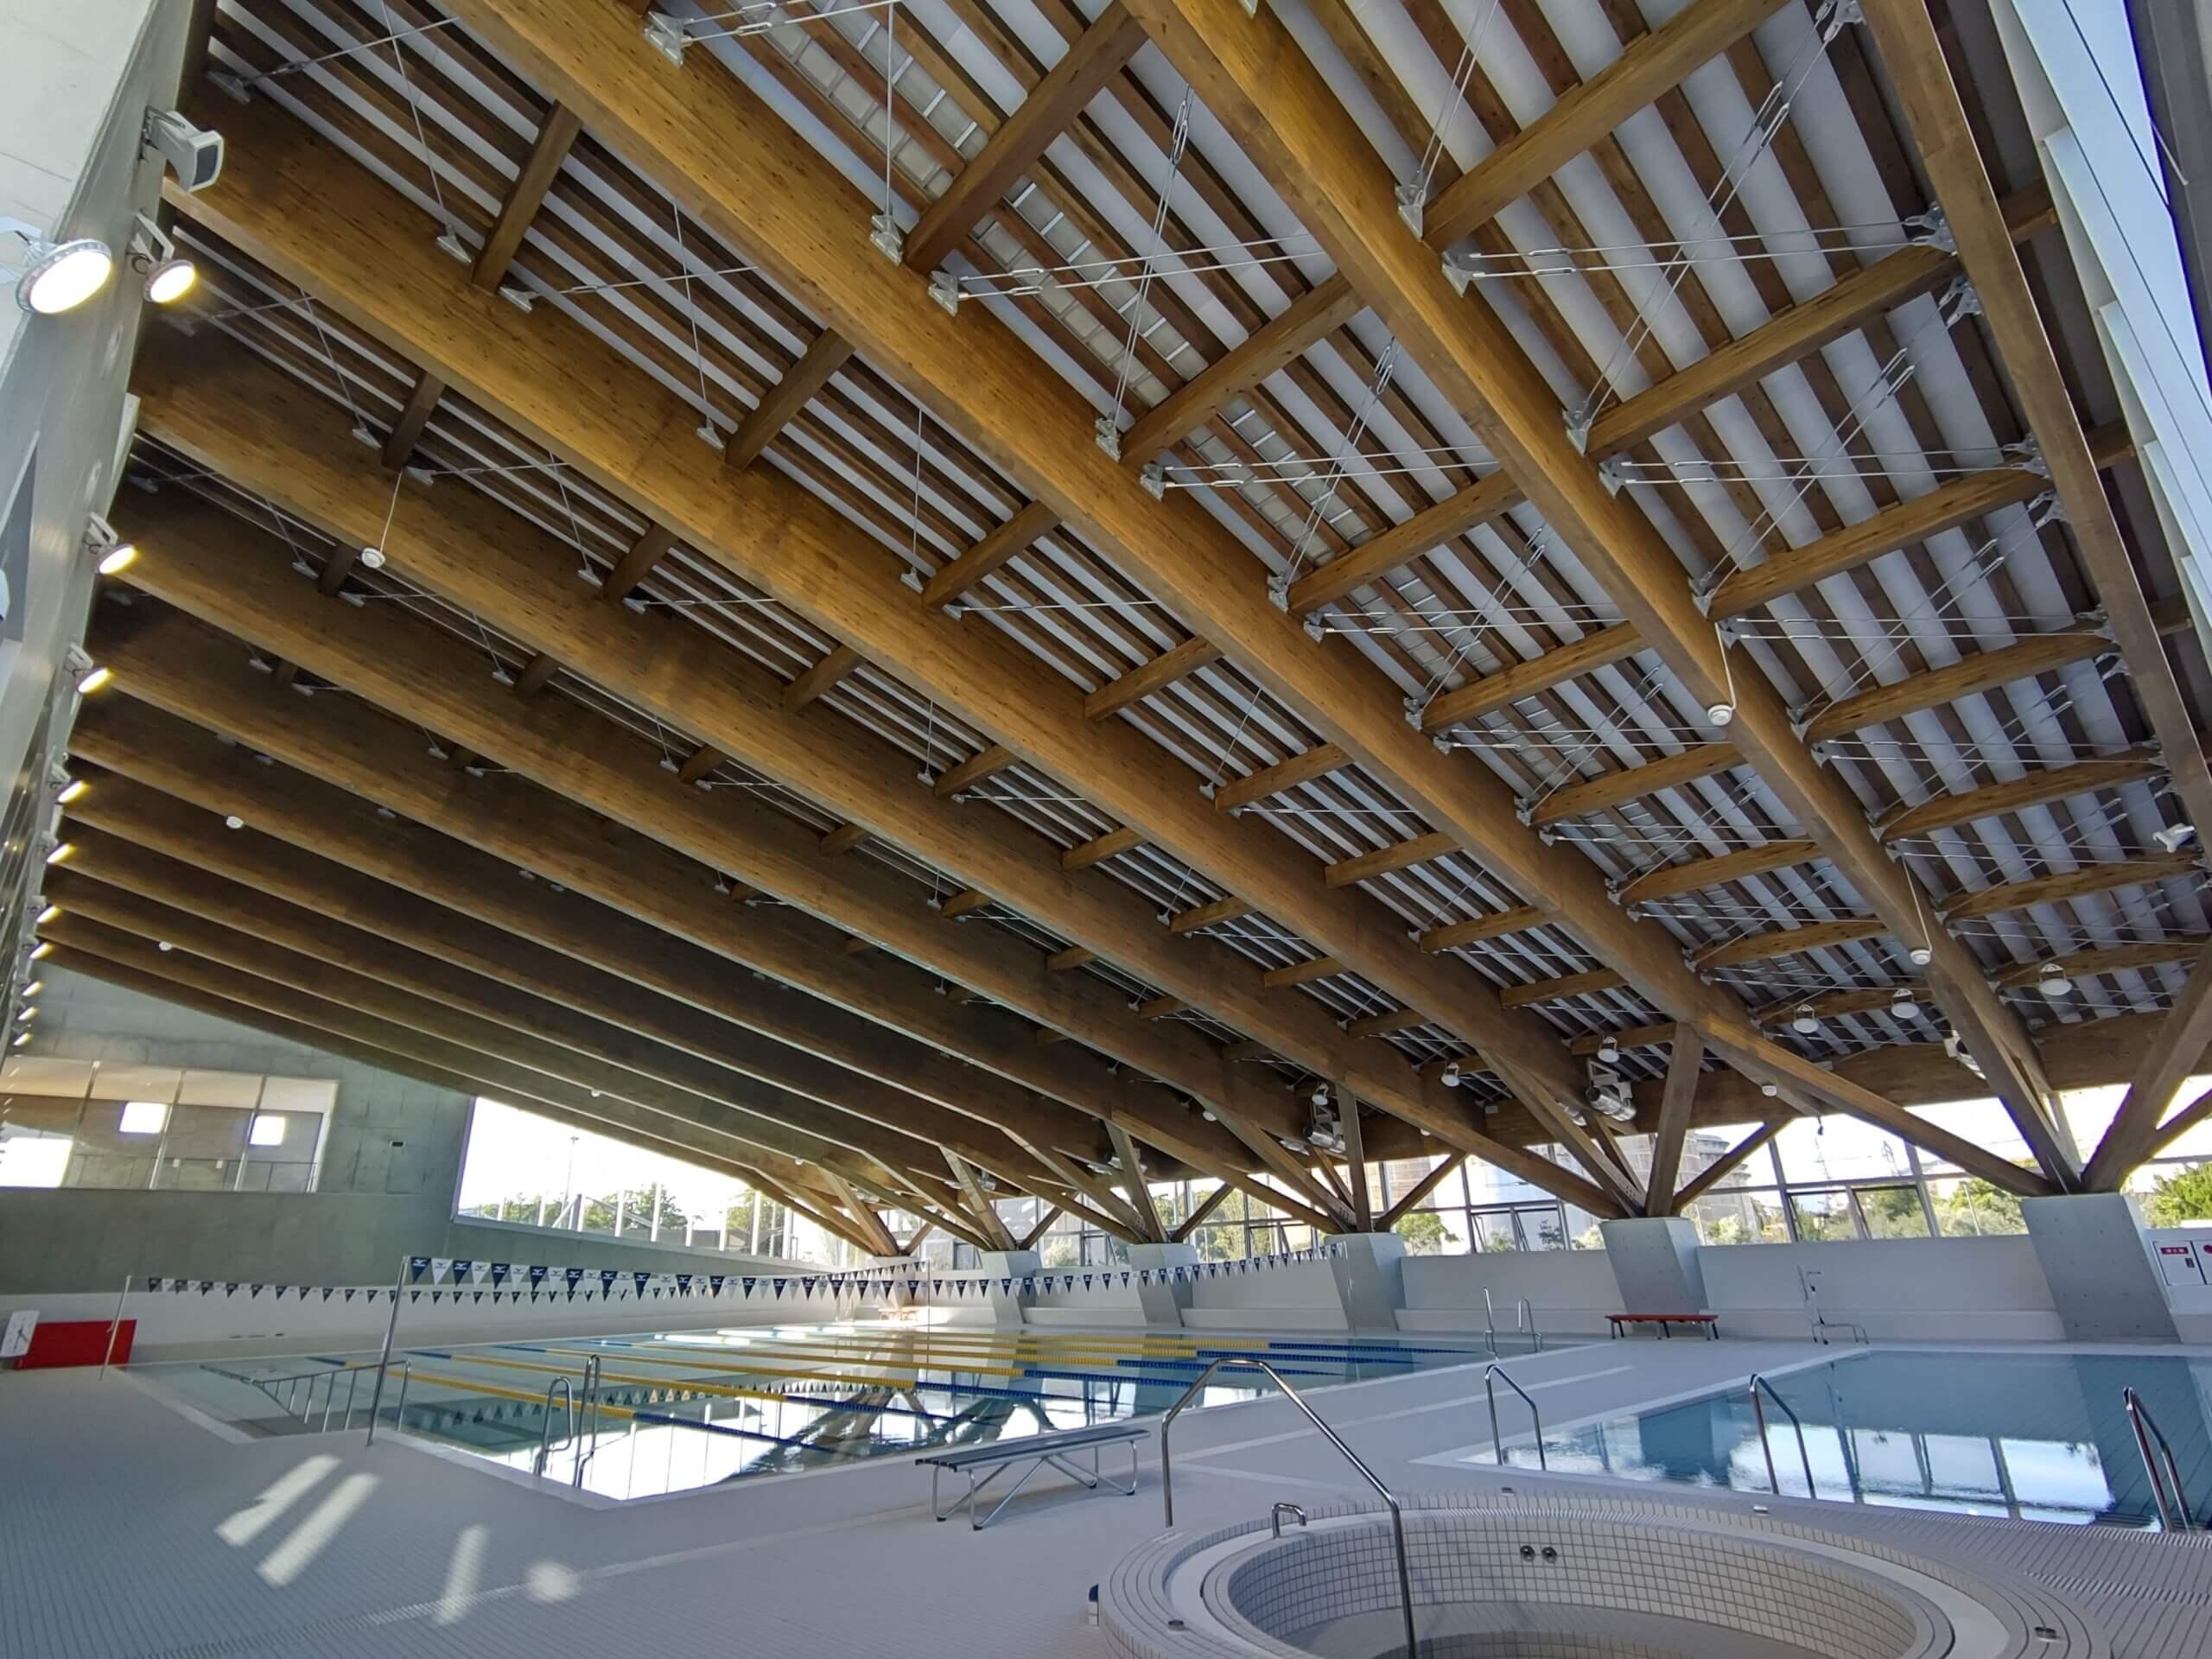 木造建築の施工事例:えみくるARIDA(有田市民水泳場) 3枚目